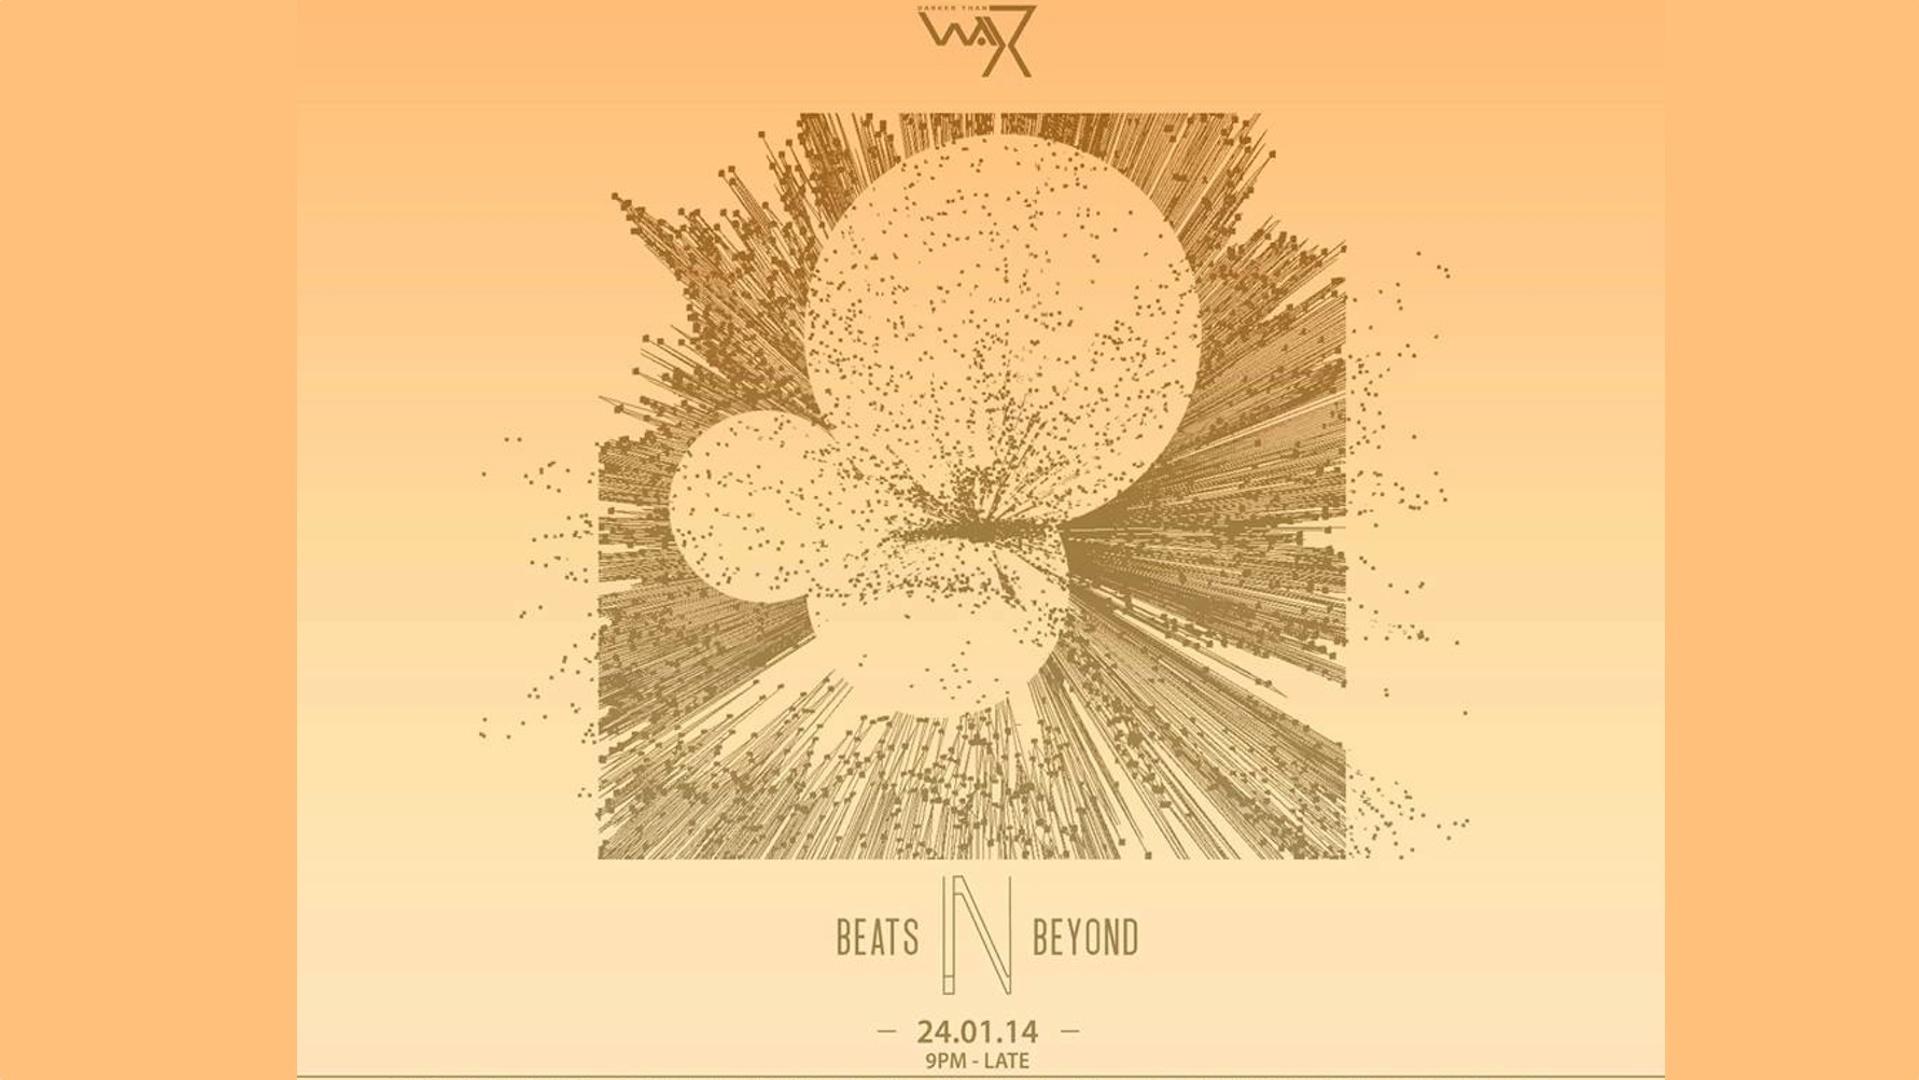 Darker Than Wax: Beats & Beyond